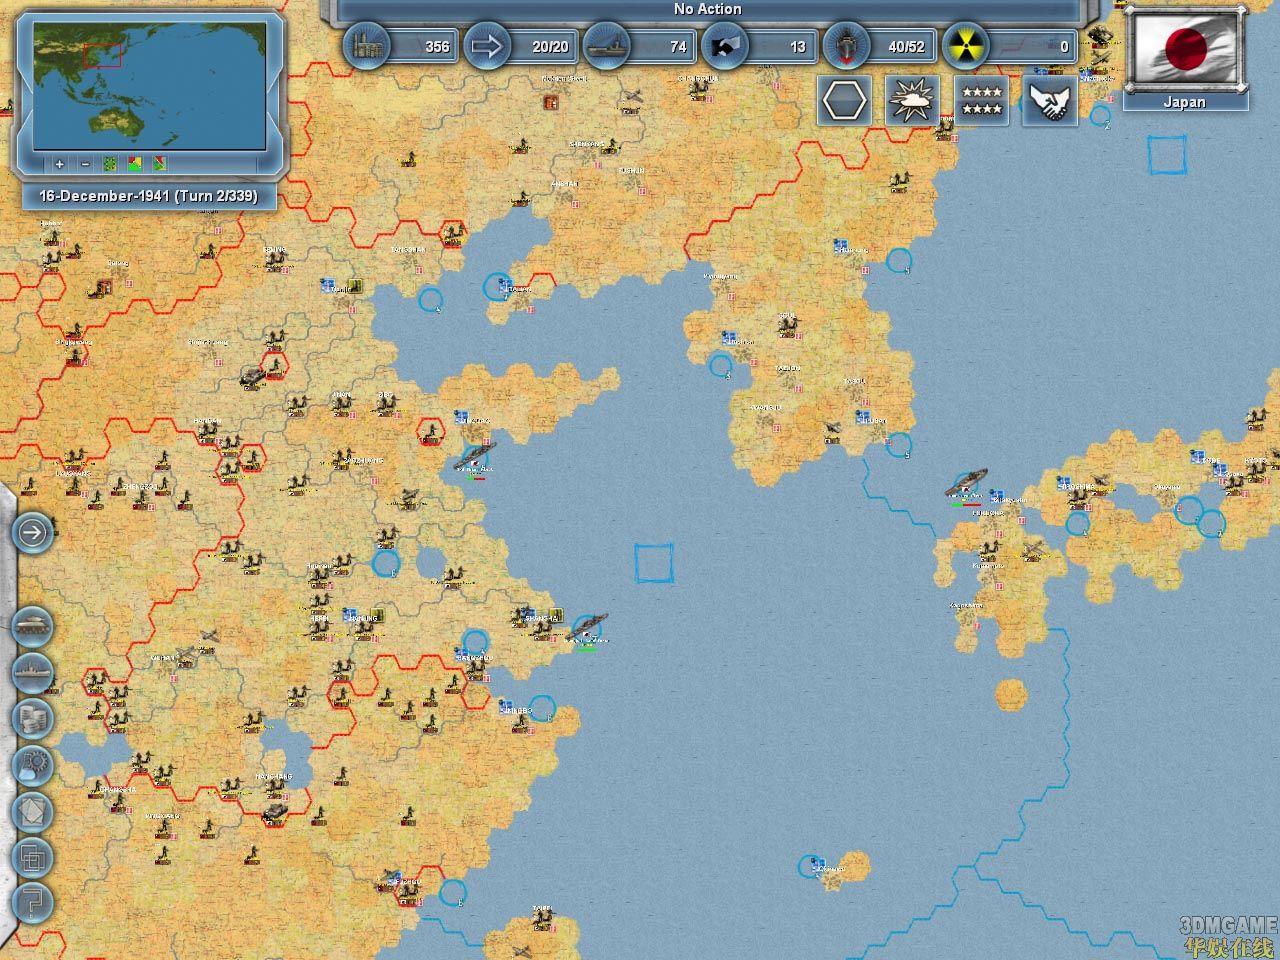 太平洋洋流_太平洋洋流分布图_世界洋流